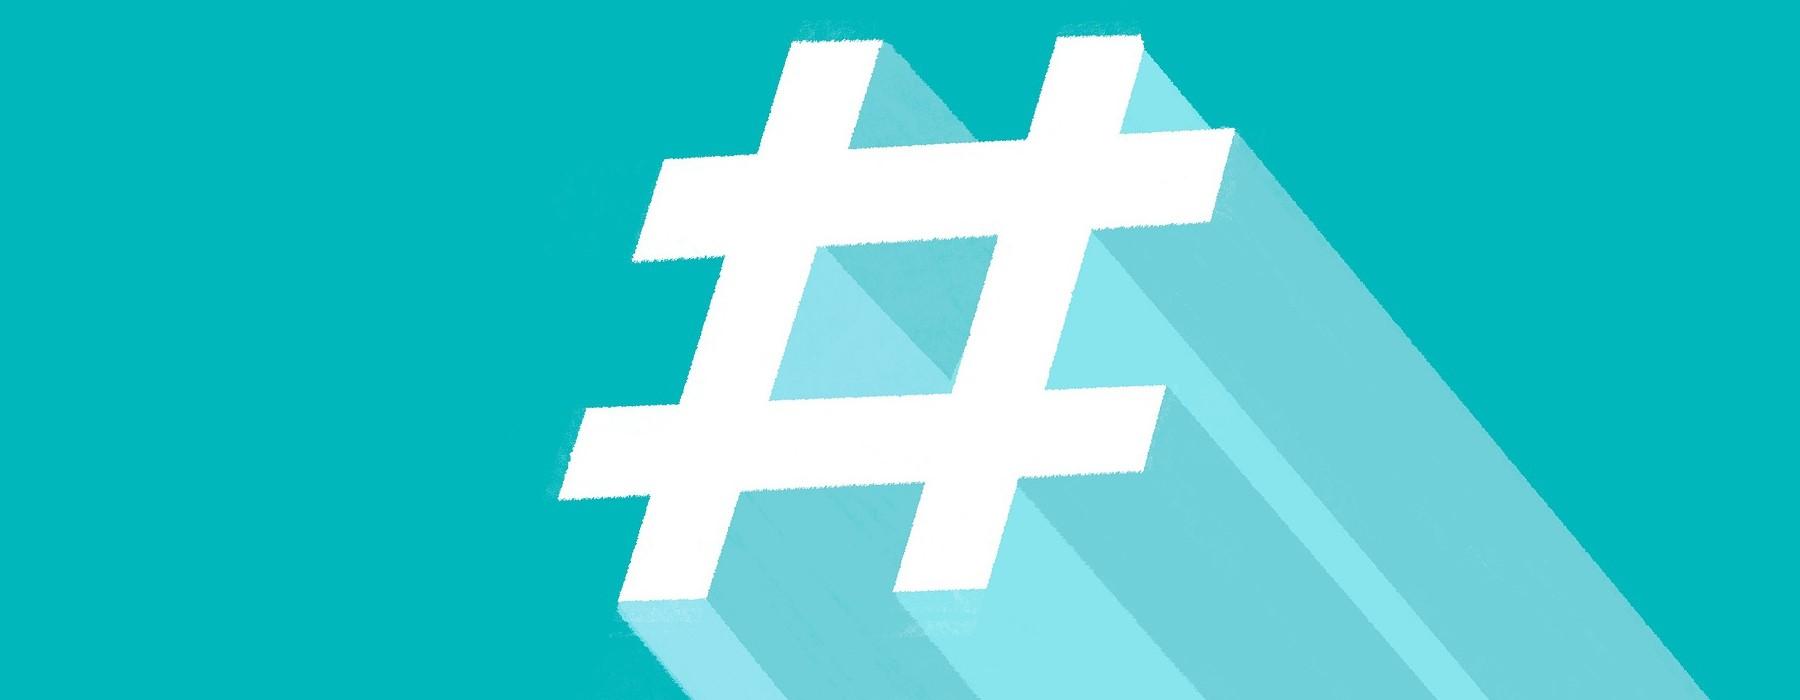 Какво е хаштаг # и кога и как да използваме в социалните мрежи?